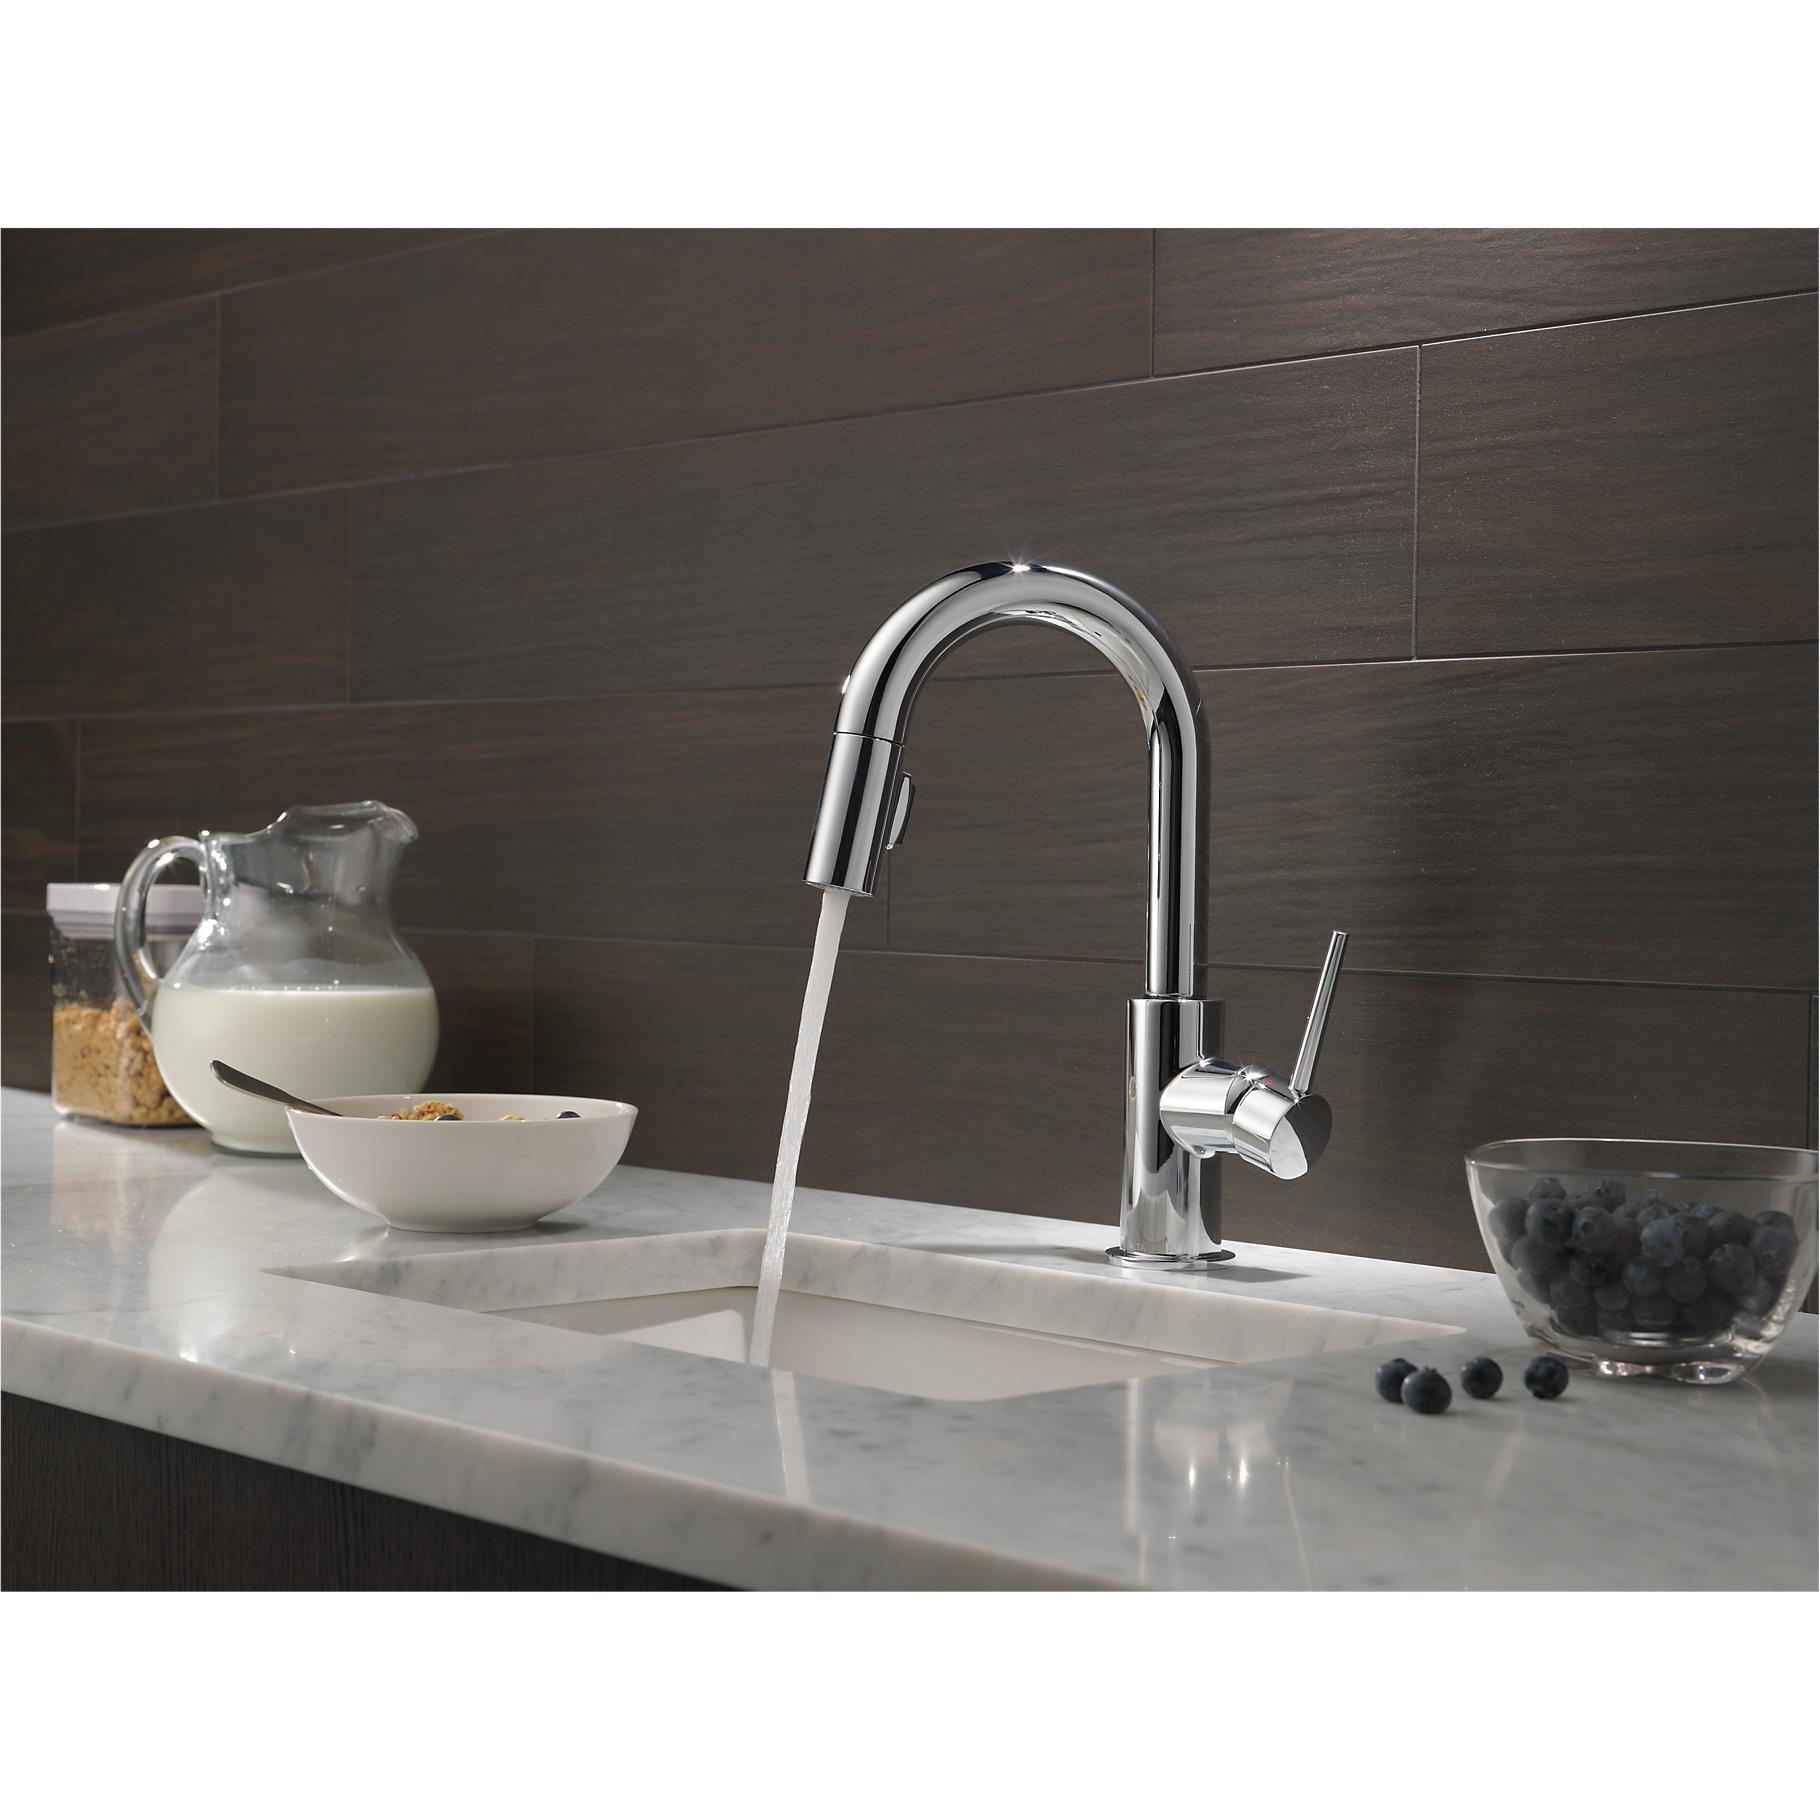 DELTA FAUCETS SINGLE Handle Trinsic Bar/ Prep Sink Faucet, Chrome ...